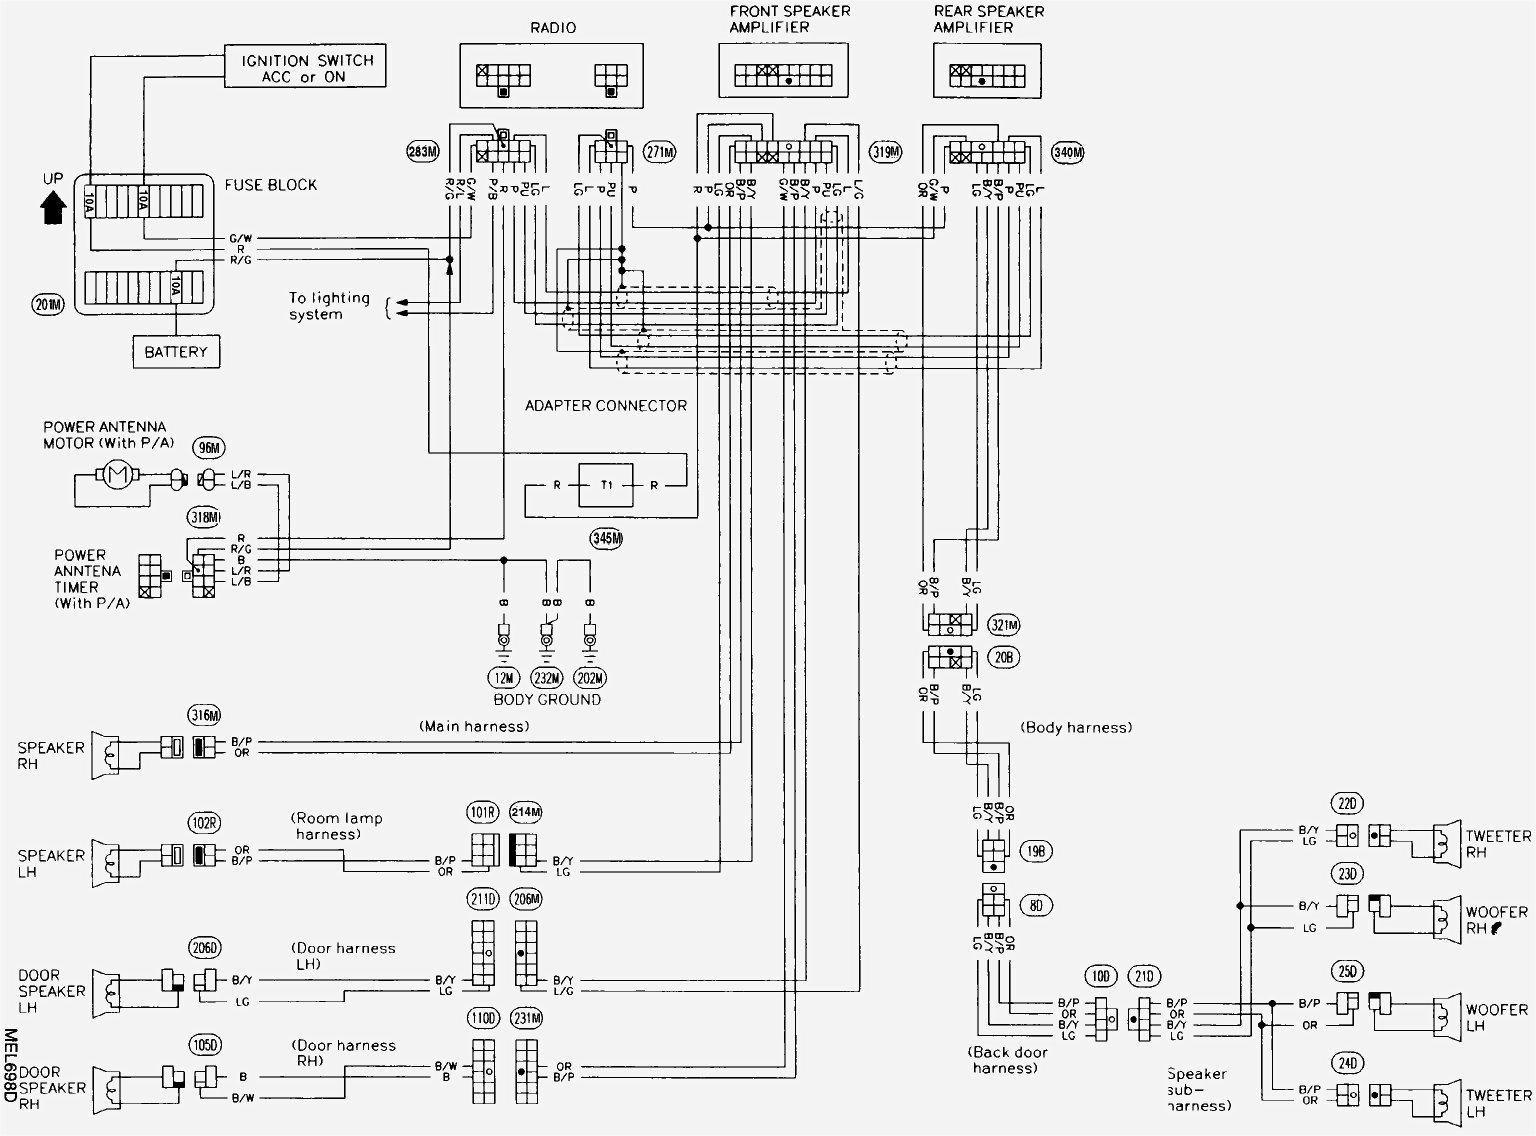 True Freezer T 49F Wiring Diagram | Manual E-Books - True Freezer T 49F Wiring Diagram